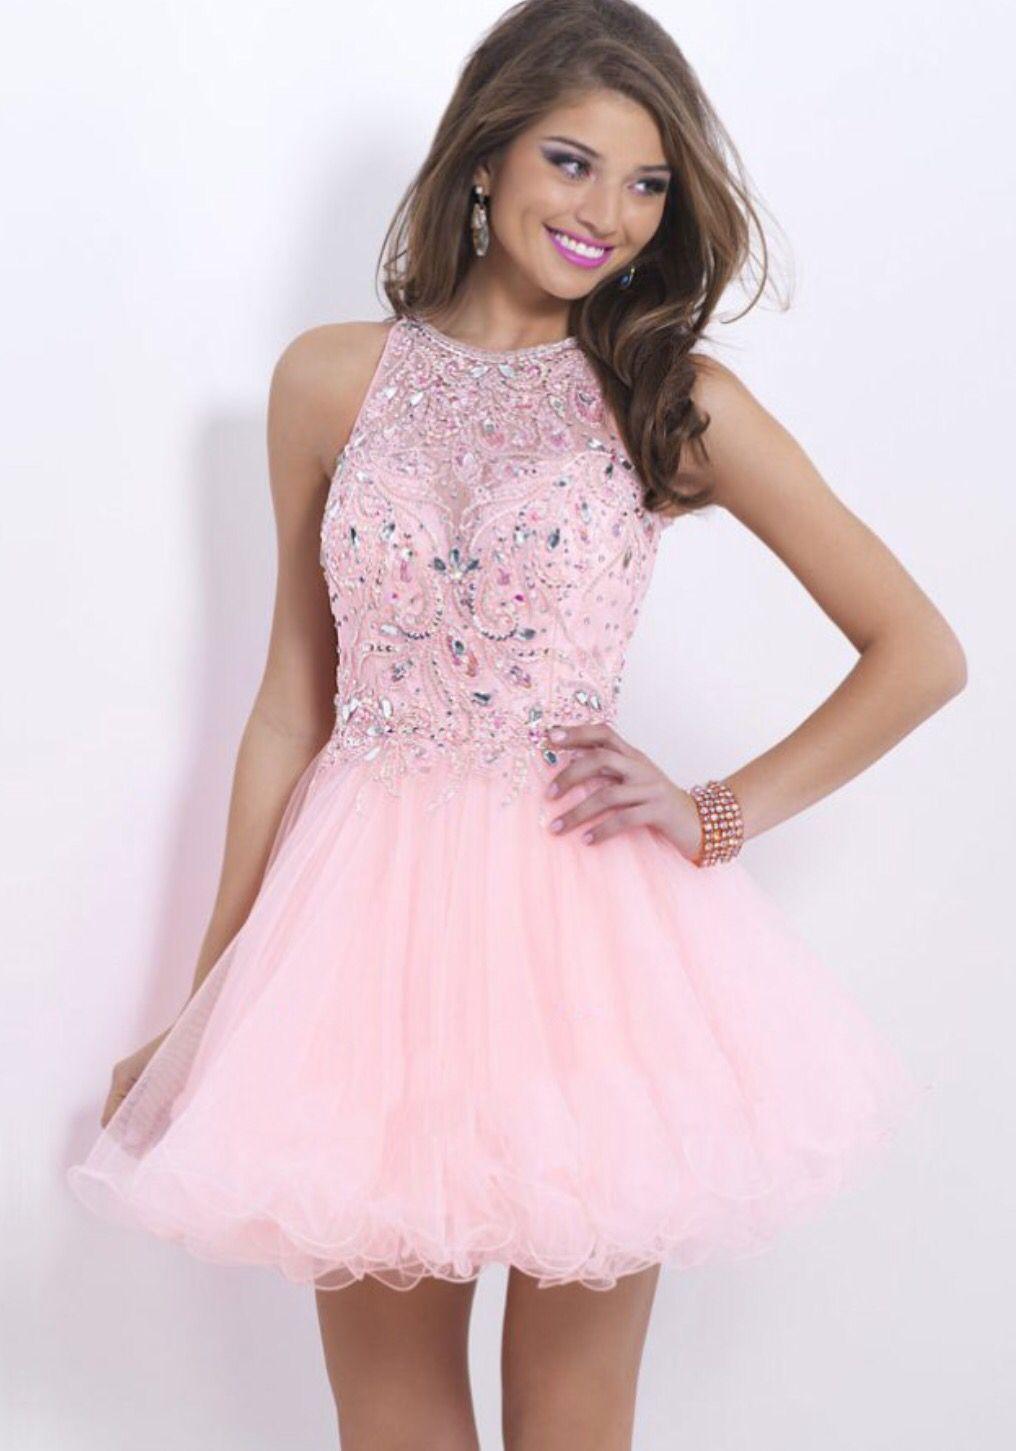 Fenomenales vestidos cortos de fiesta   Moda y tendencias   Cosas ...